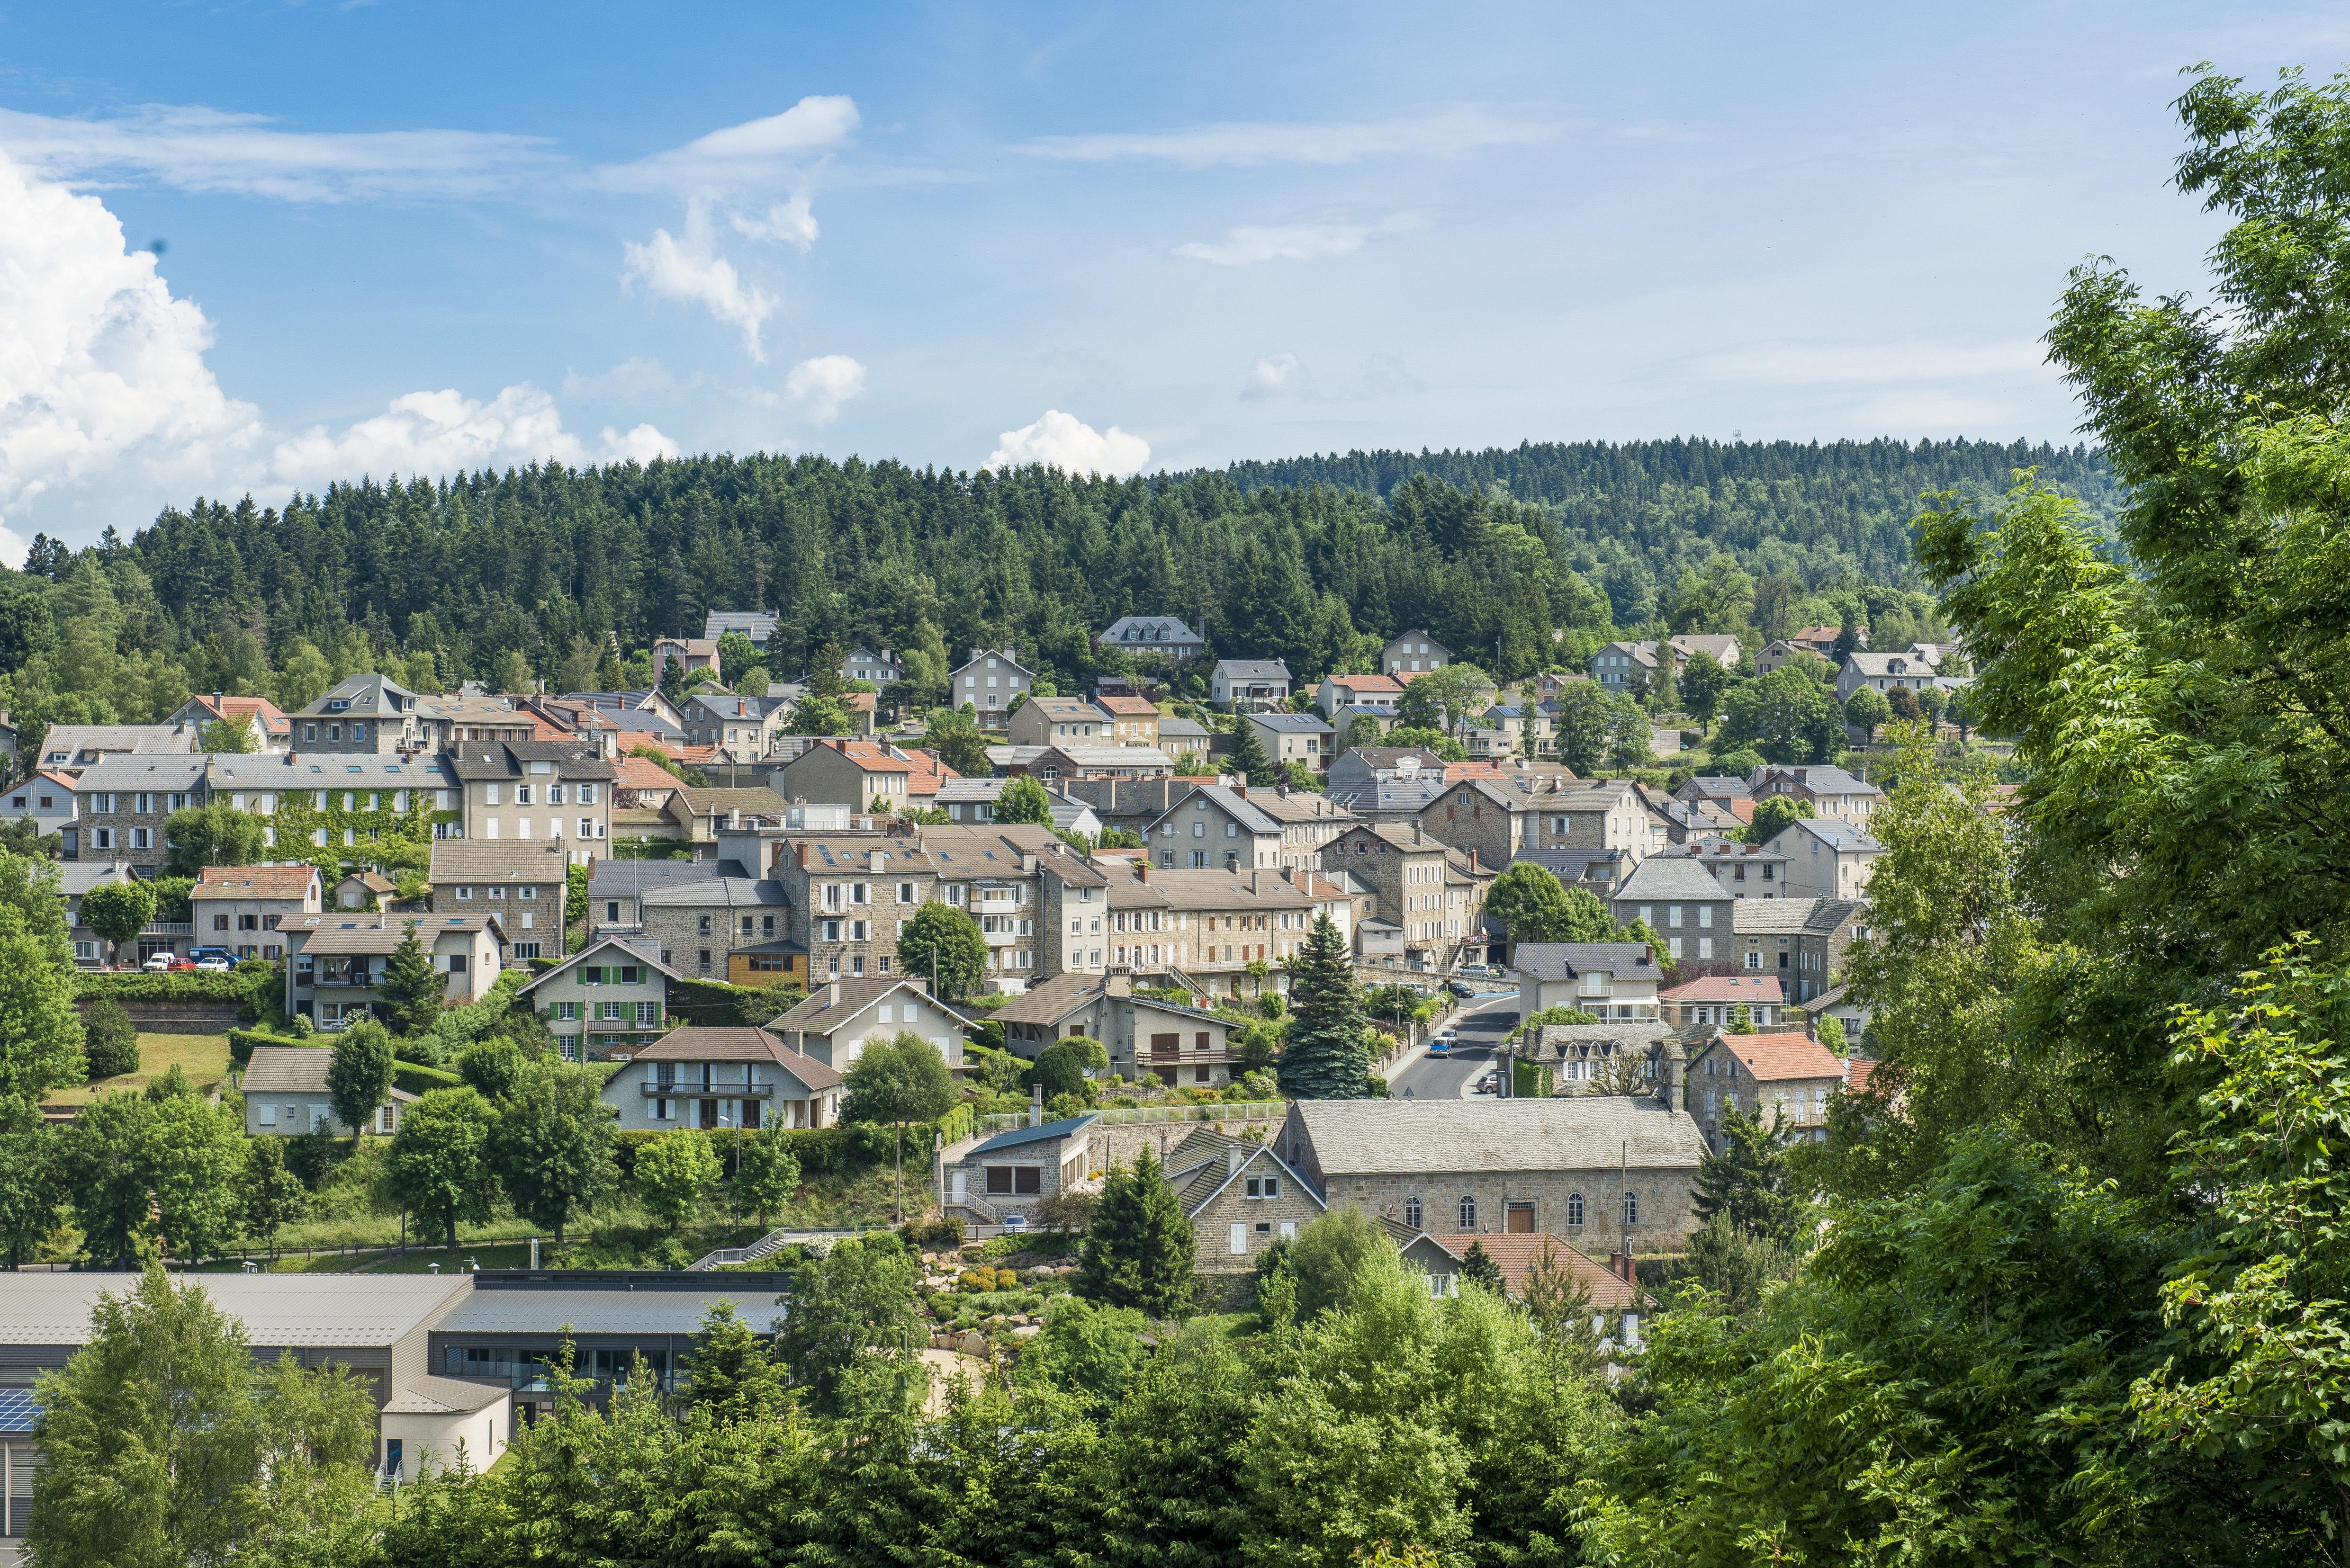 Több százmillió forintnyi örökséget hagyott egy osztrák férfi a francia falura, ahol elrejtették a családját a nácik elől